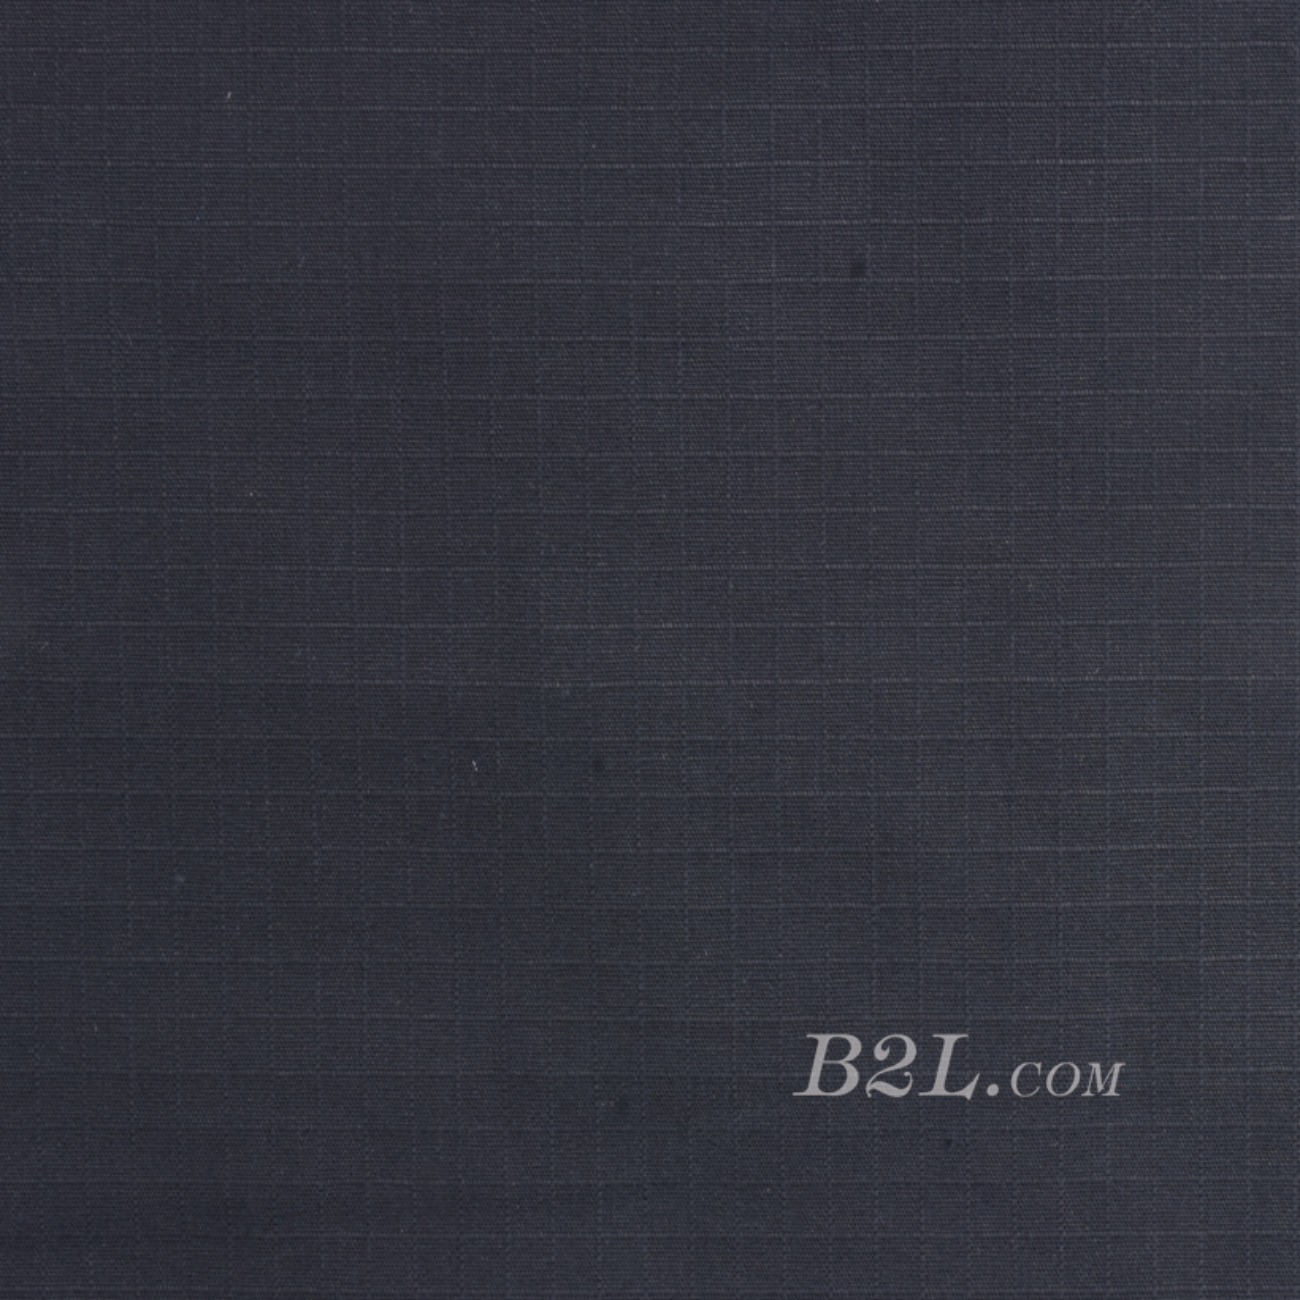 素色 梭织 染色 低弹 薄 暗格 春秋 外套 连衣裙 时装 90525-2